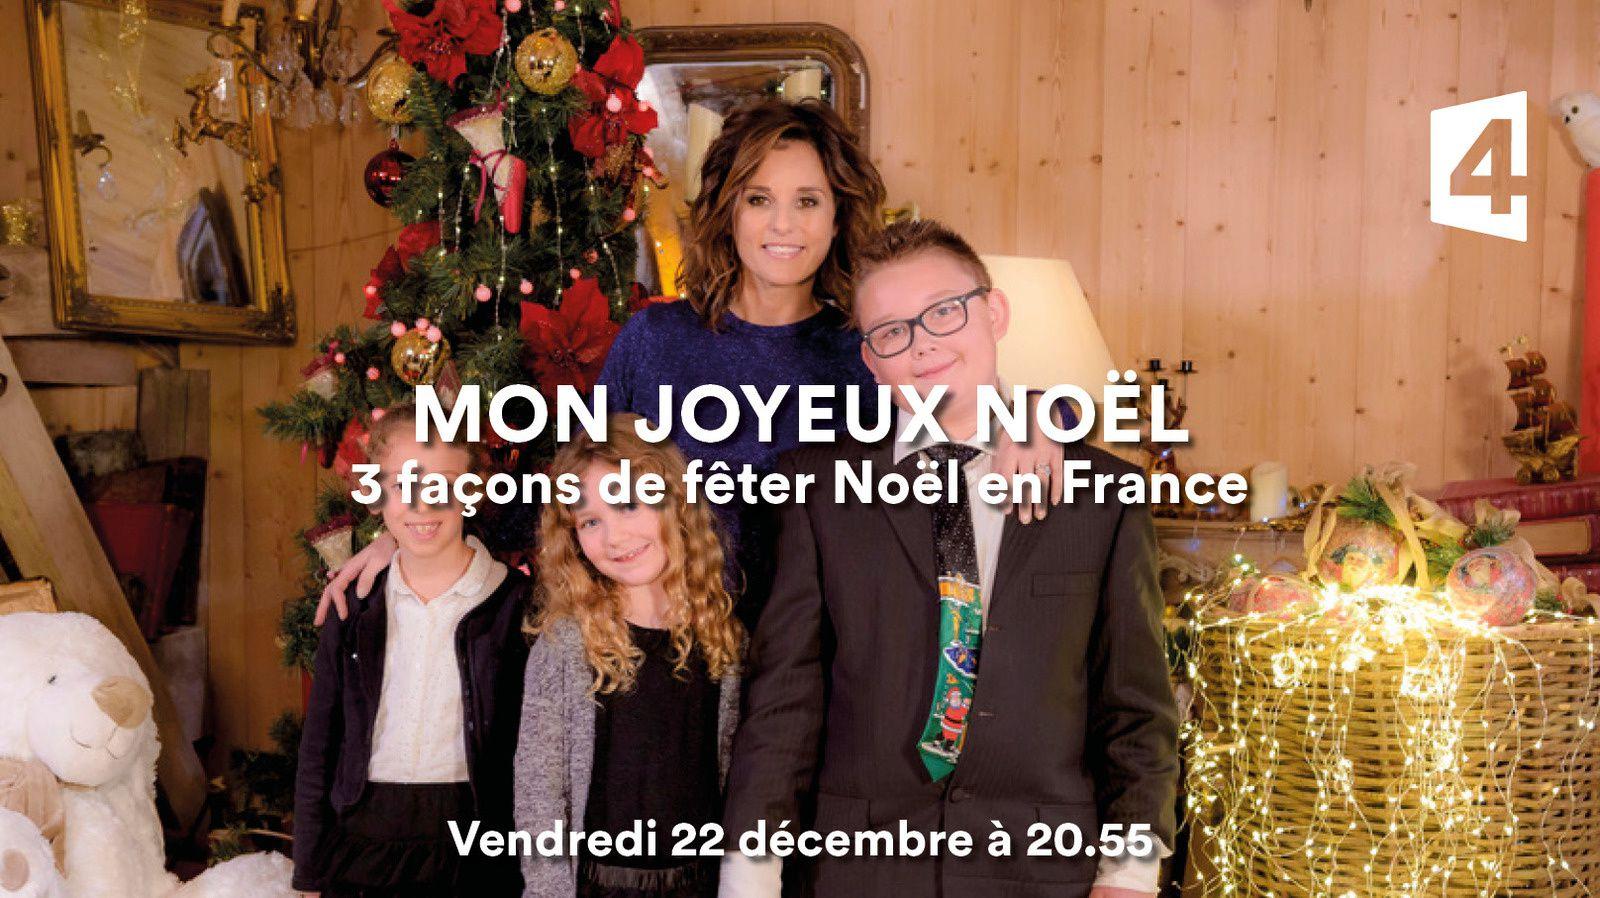 Mon joyeux Noël avec Faustine Bollaert, le 22 décembre sur France 4.